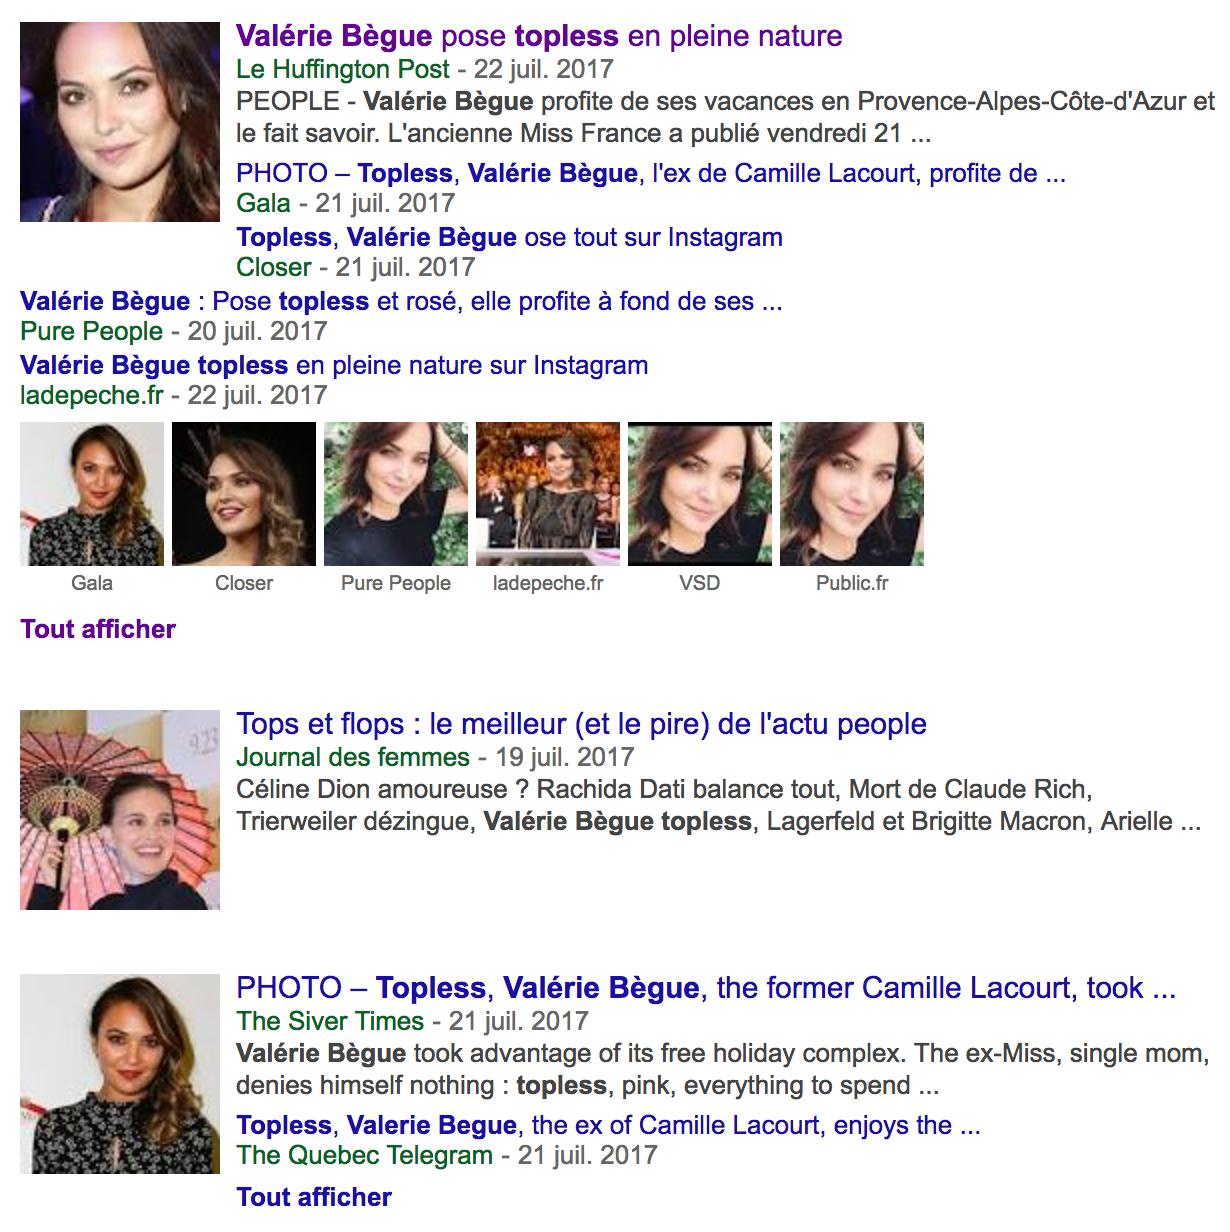 Valérie Bègue TopLess, elle affole la presse